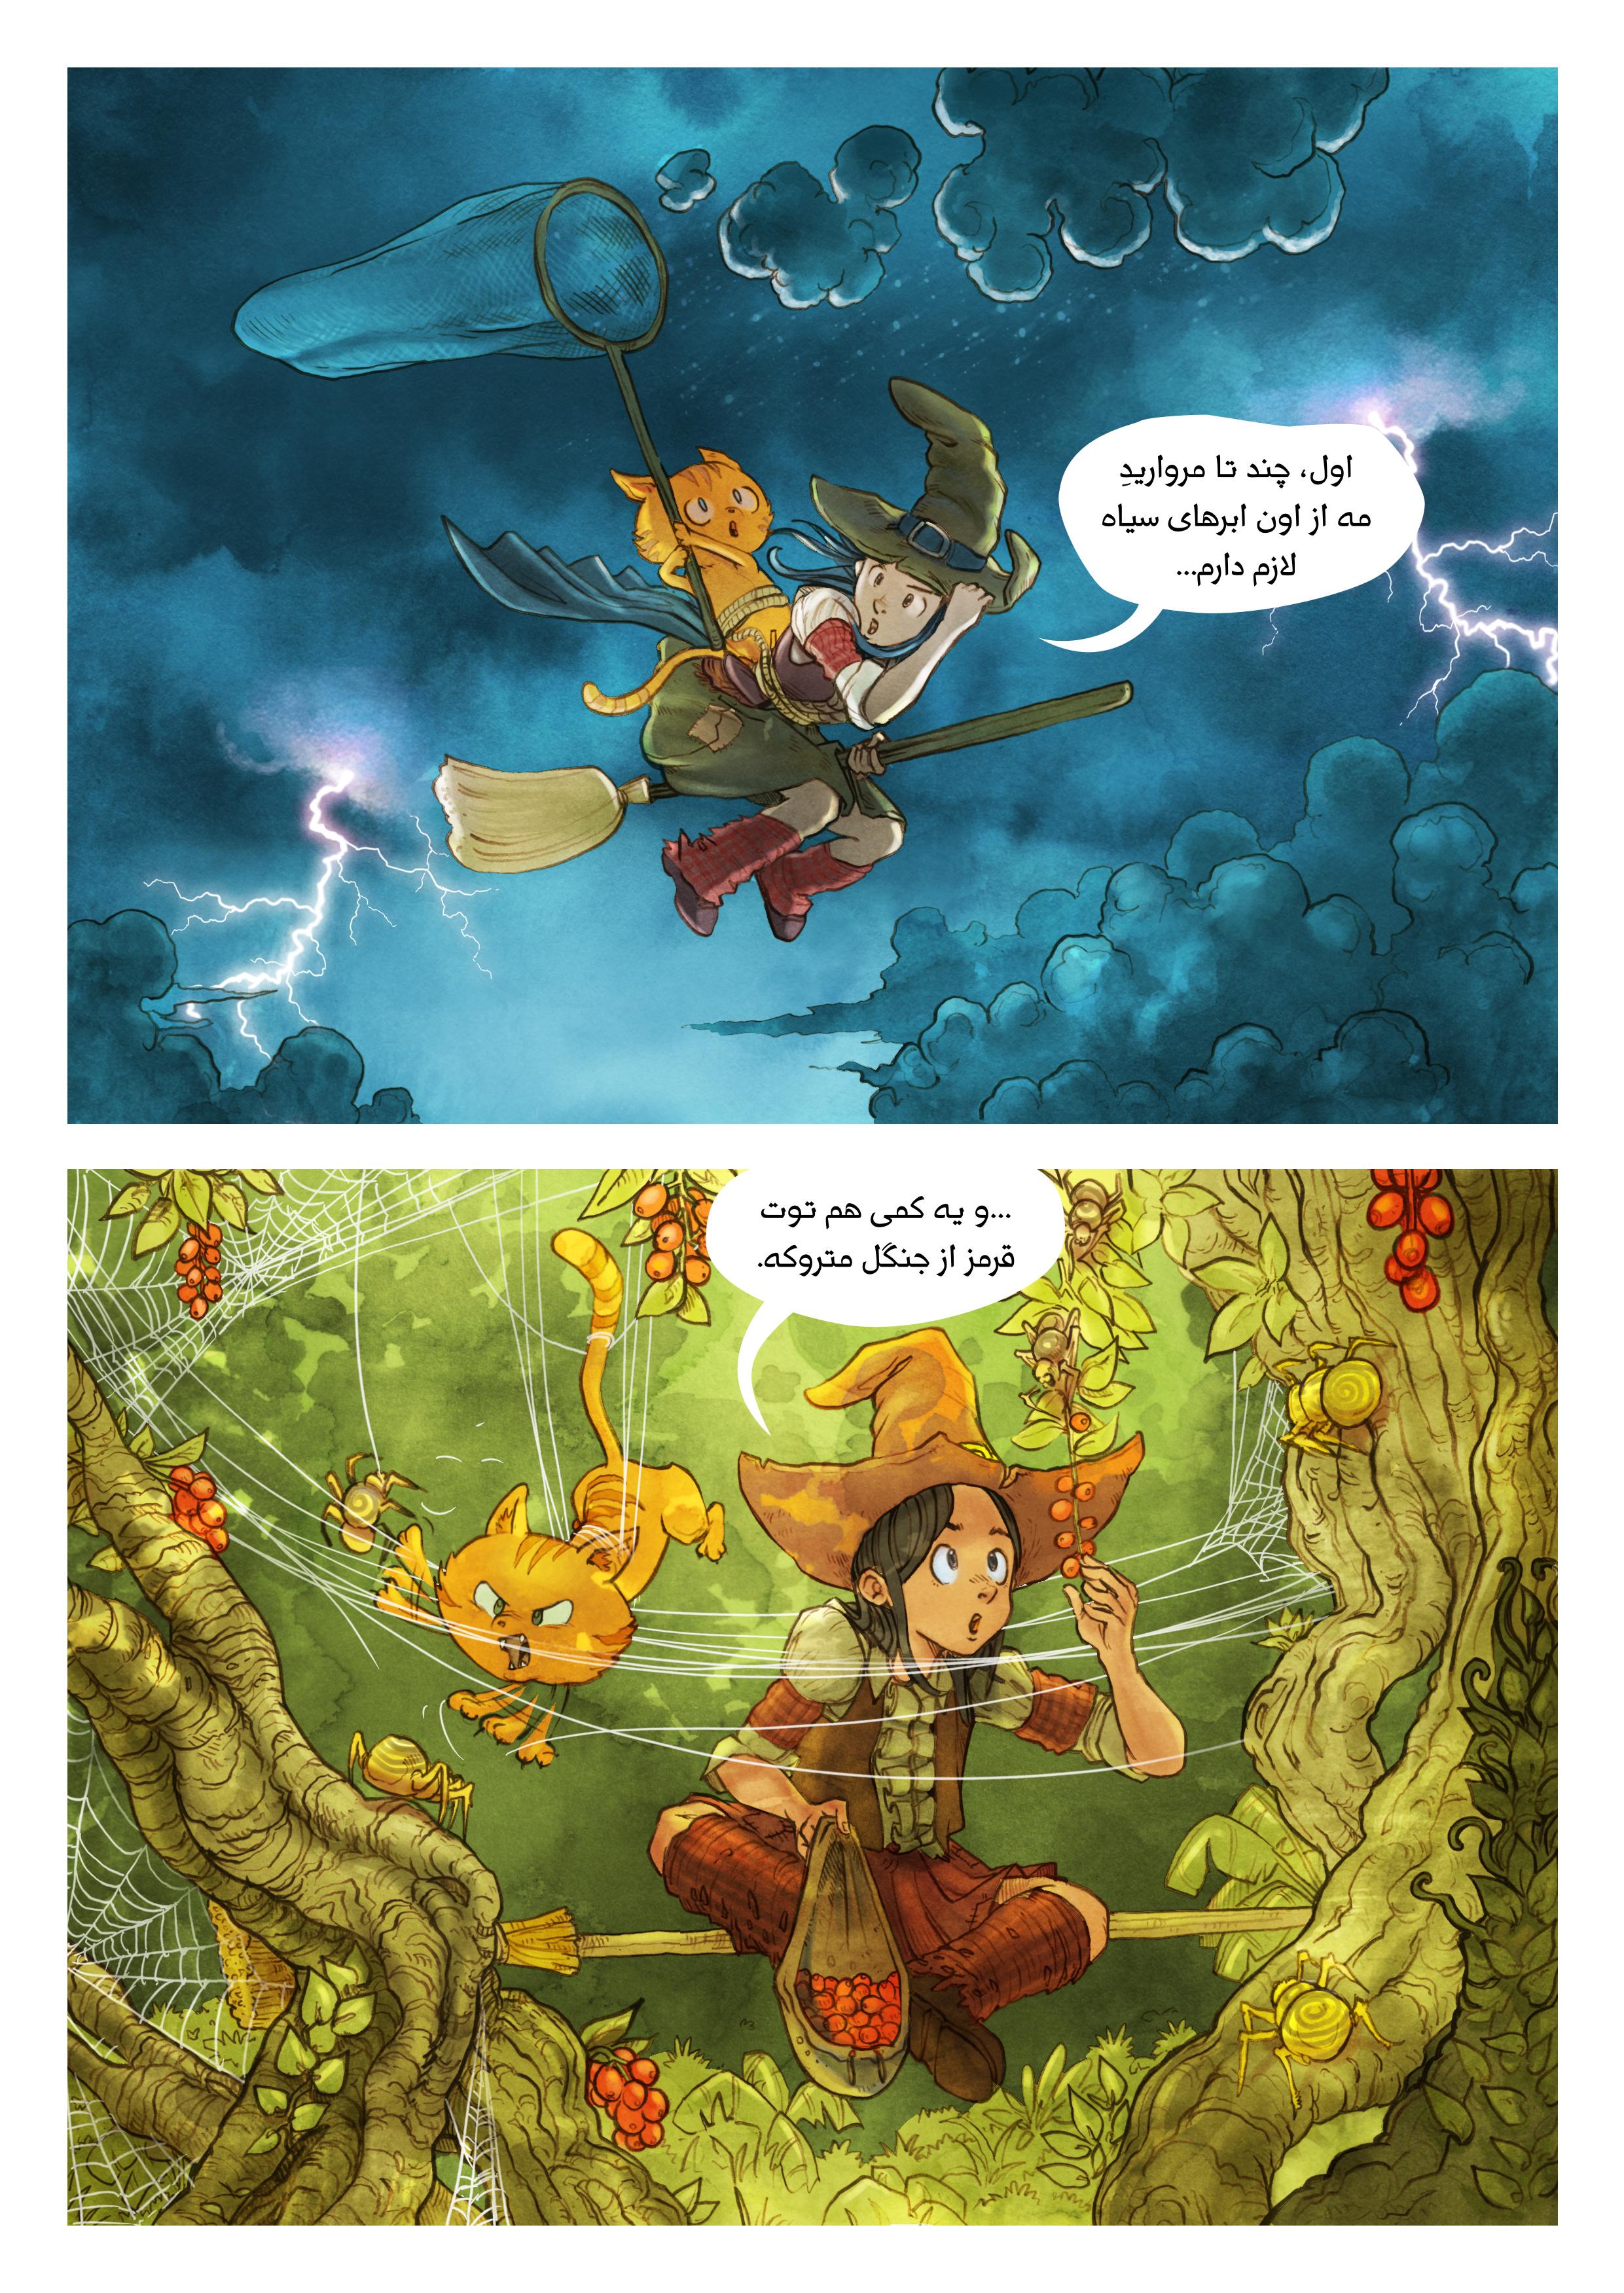 قسمت سوم: مواد اولیه محرمانه, Page 5